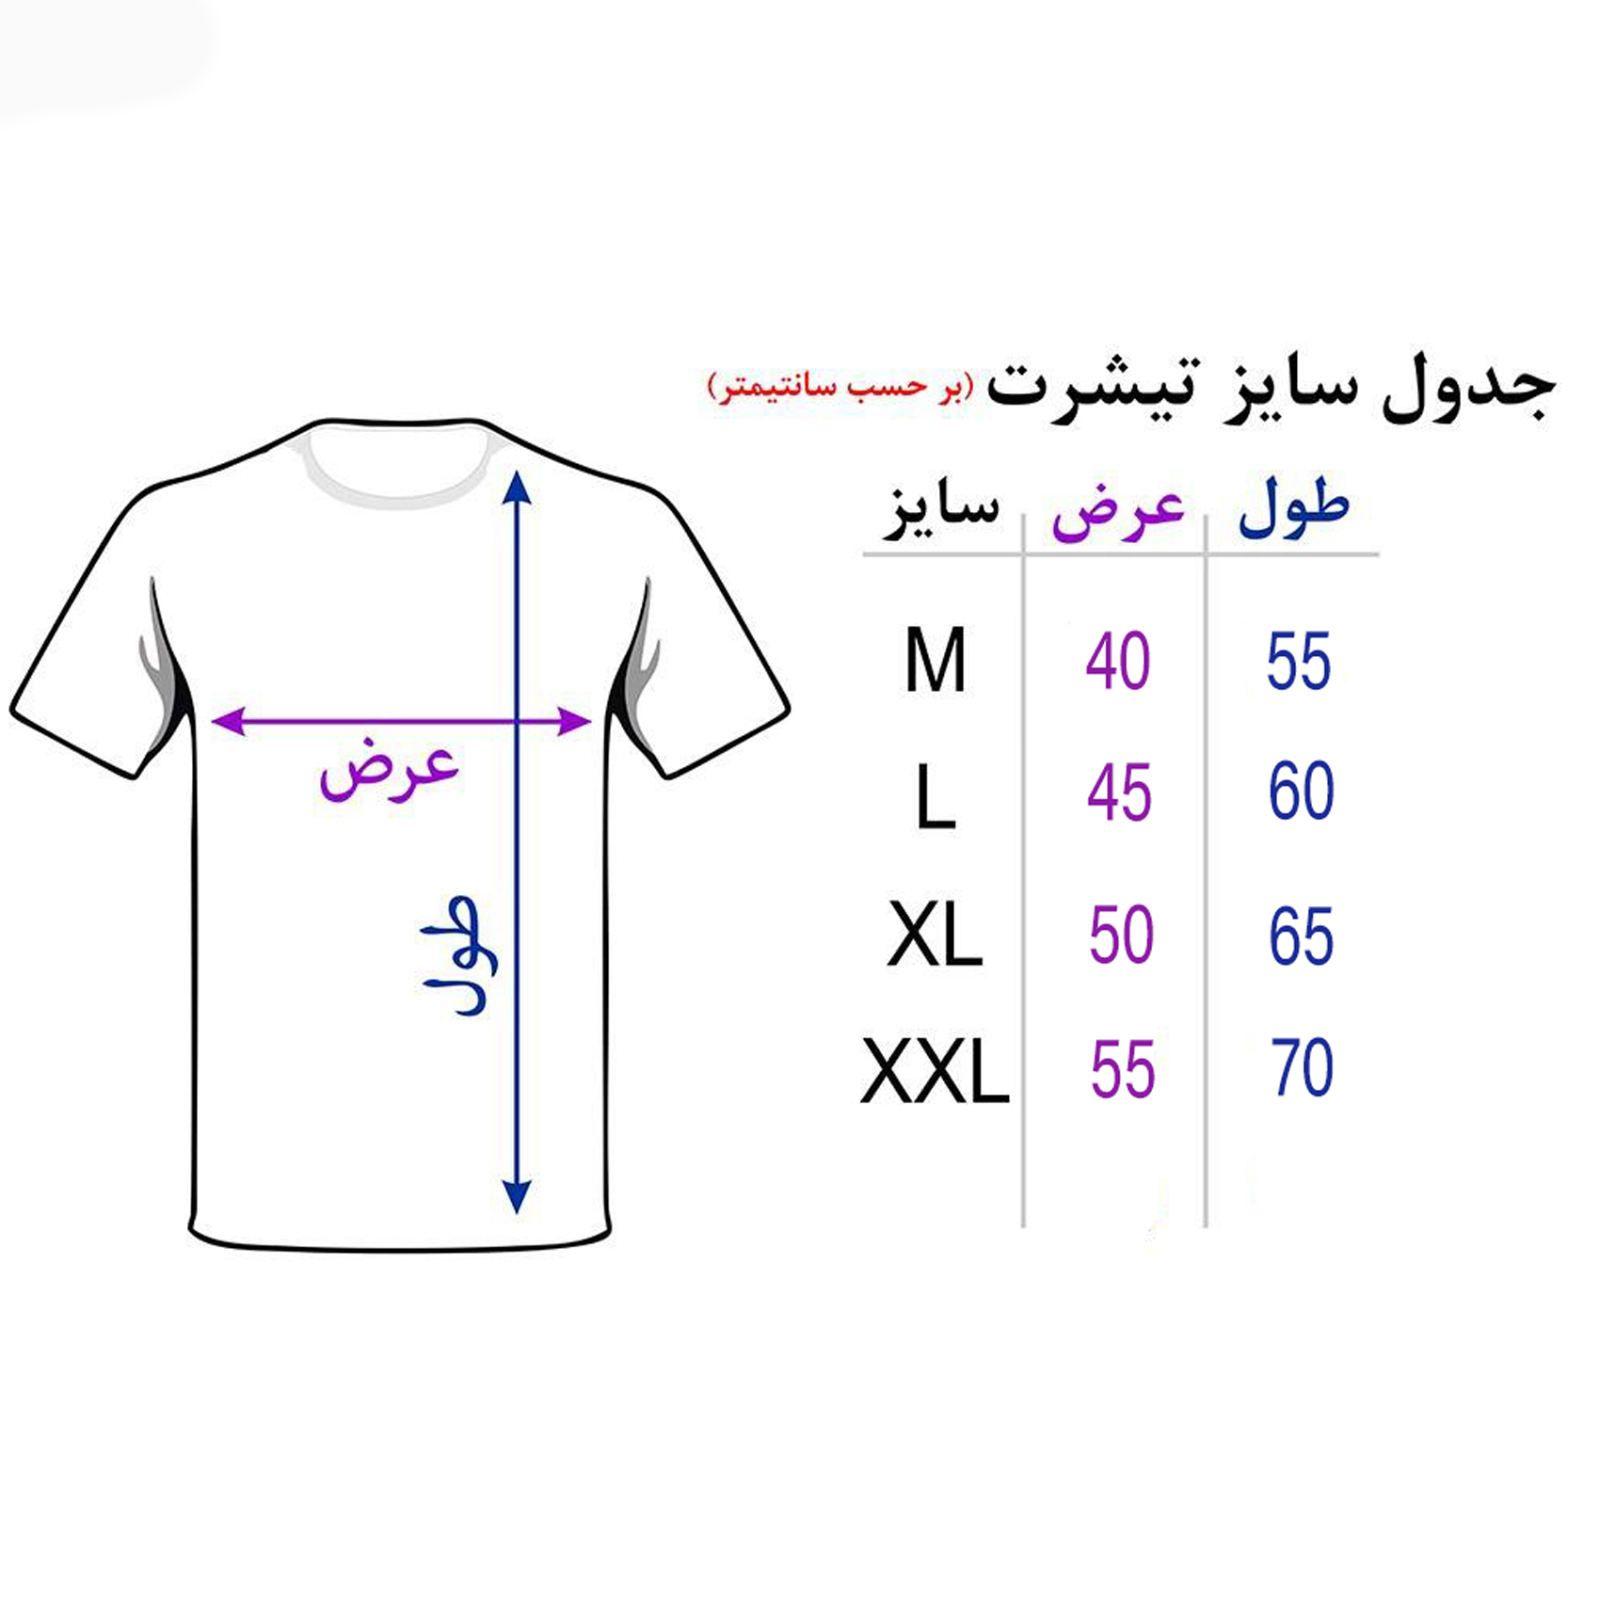 تی شرت زنانه 27 طرح  پر کد H04 رنگ مشکی -  - 5